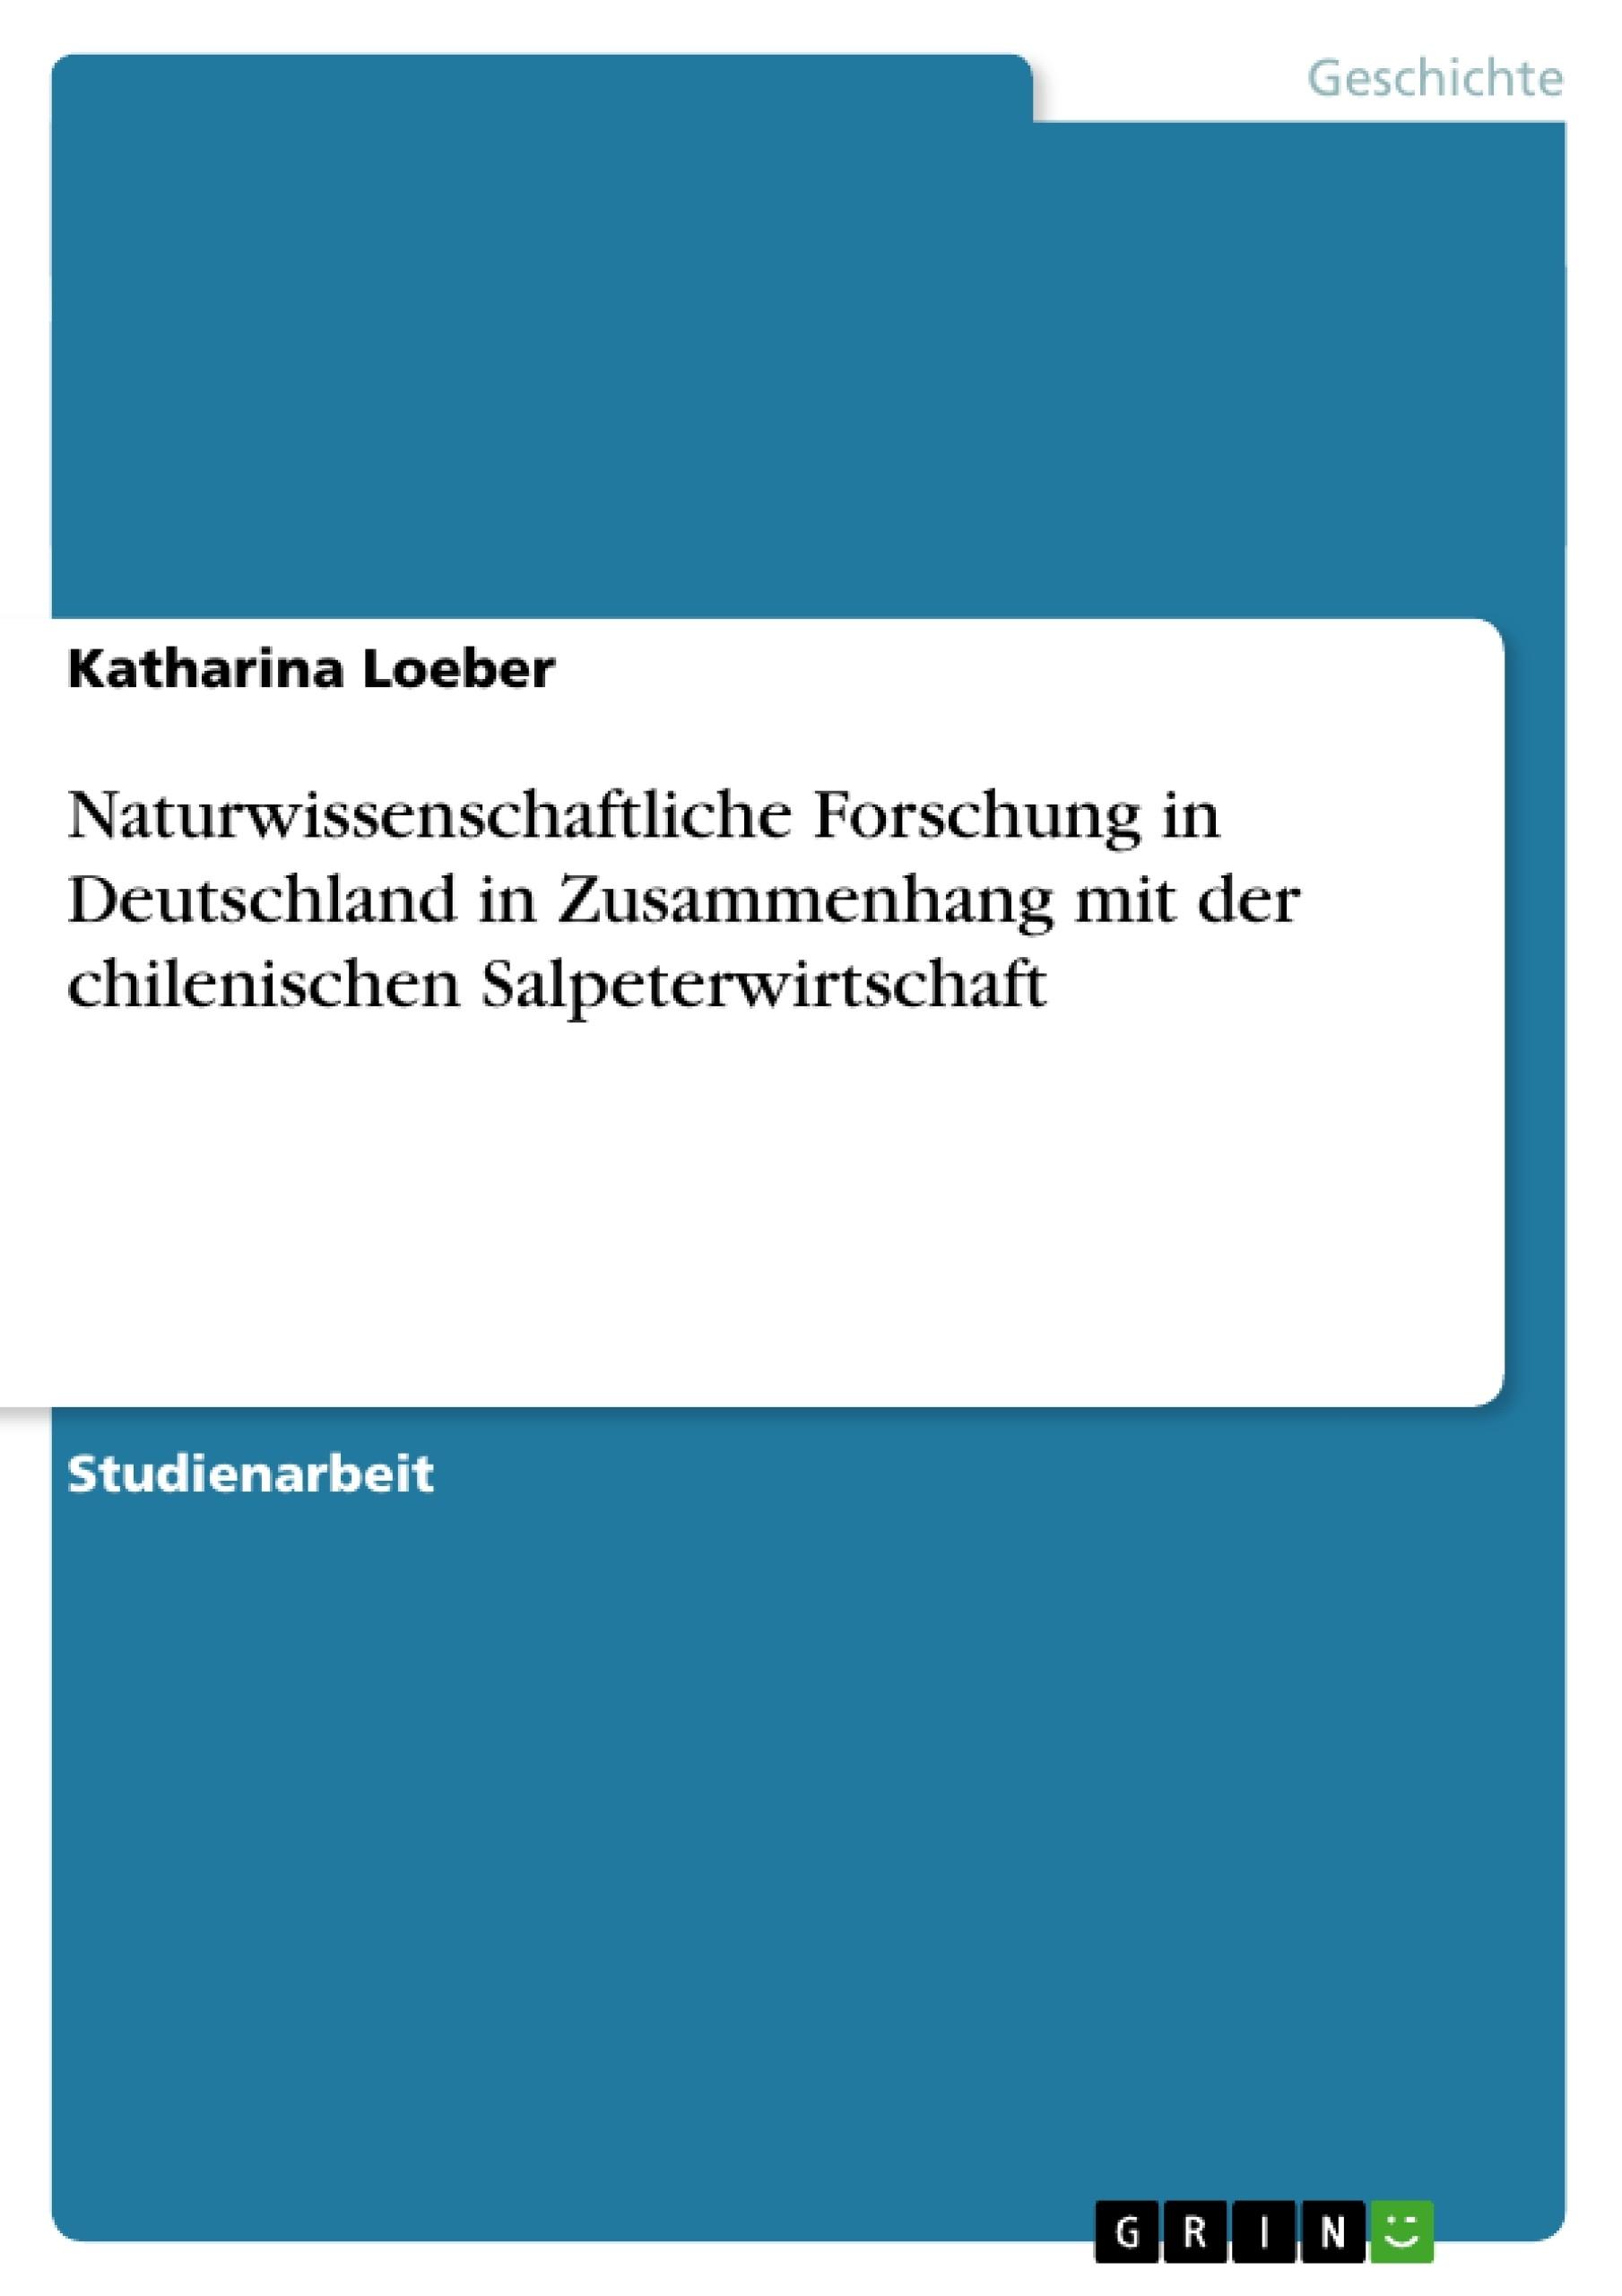 Titel: Naturwissenschaftliche Forschung in Deutschland in Zusammenhang mit der chilenischen Salpeterwirtschaft